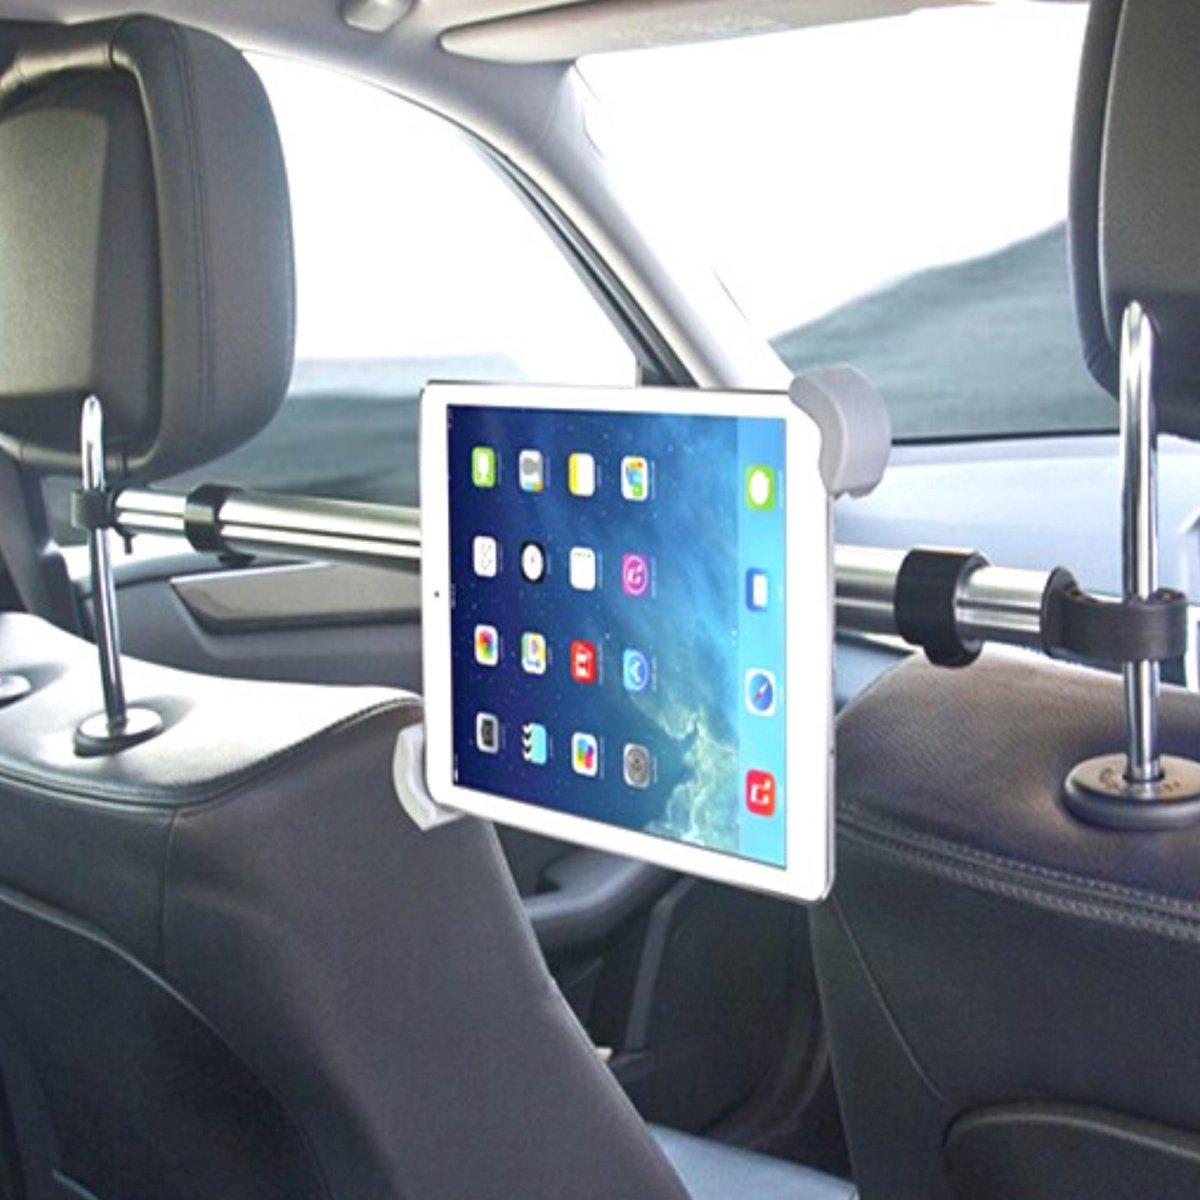 Tablet Houder Auto Hoofdsteun New 2020 - Ipad Houder - Universeel - Midden - Uitschuifbaar - Draaibaar - Samsung Galaxy Tab - Flexibel - 7 Tot 10.5 Inch - Autovakantie - Aluminum - Zonder Gereedschap - Leuk Voor Kinderen - Veilige en Leuke rit